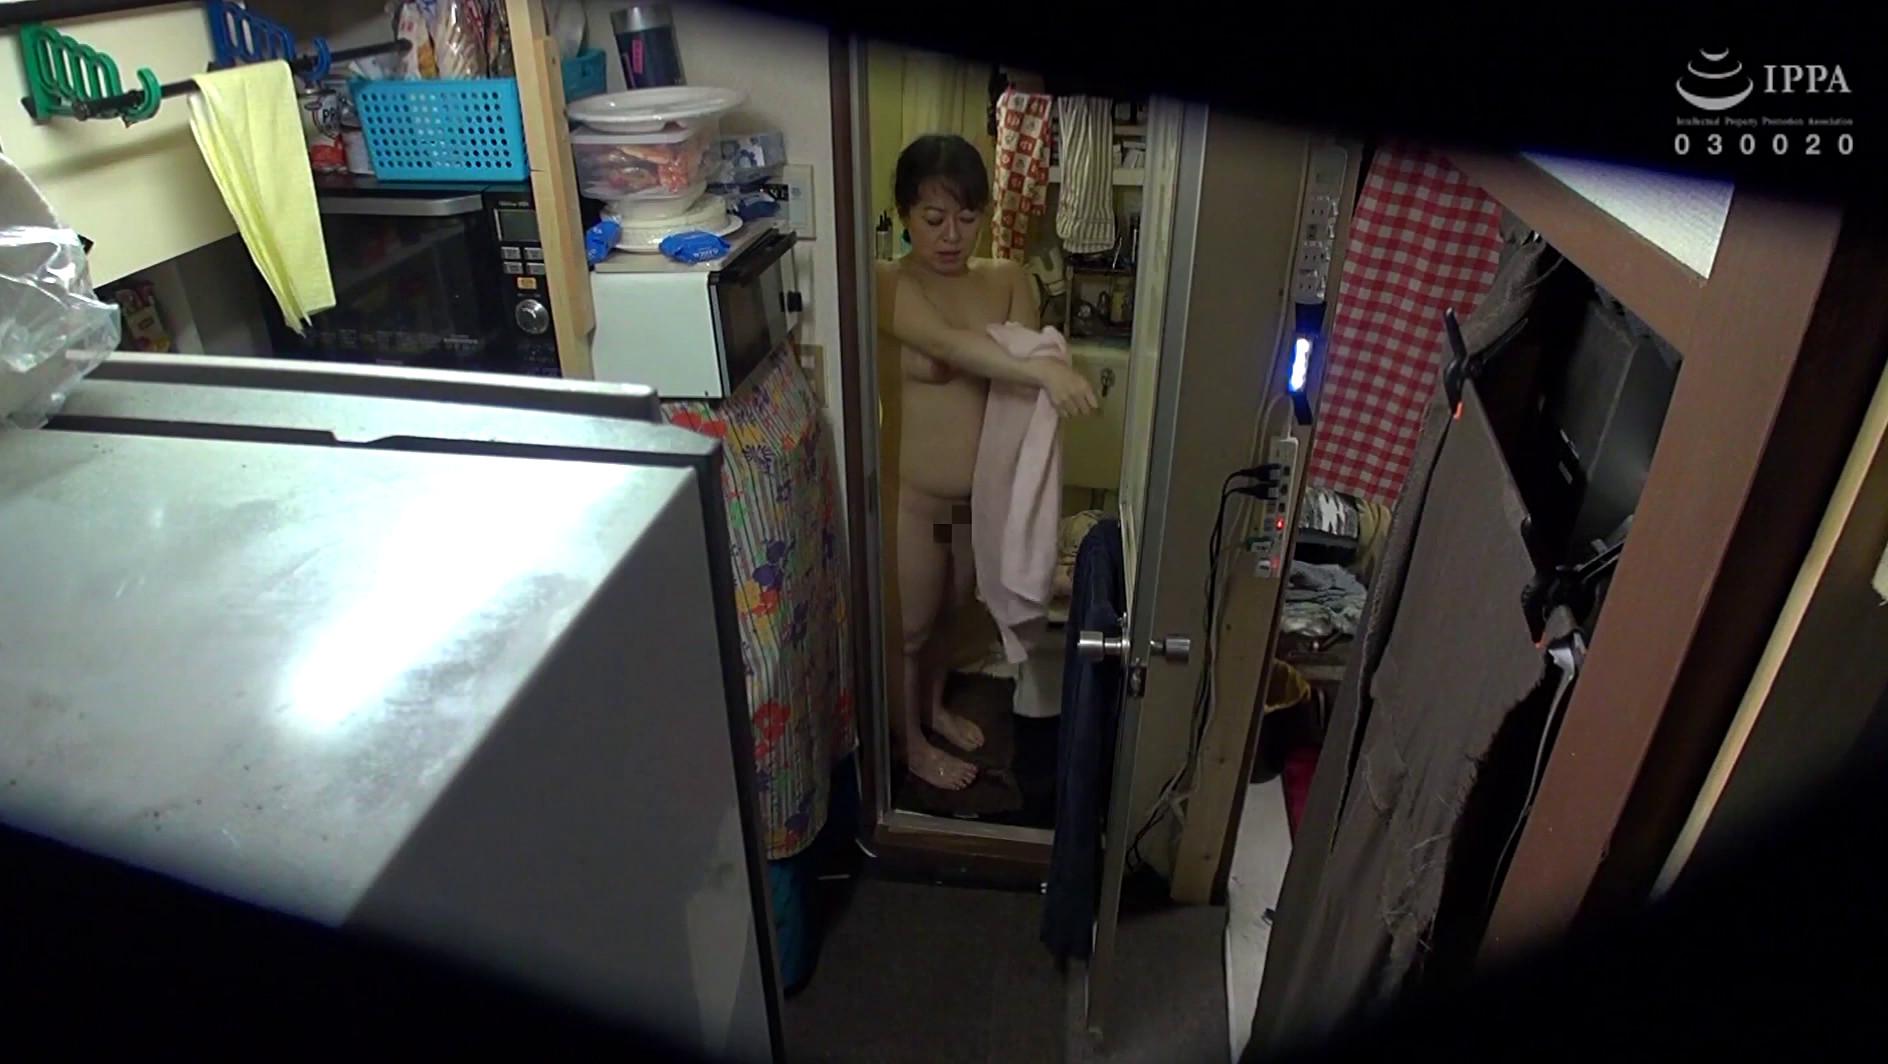 自分の部屋に泊まることになった妻の女友達「人妻華子さん(仮名)45歳」に当然のように手を出してしまうワタシ 03